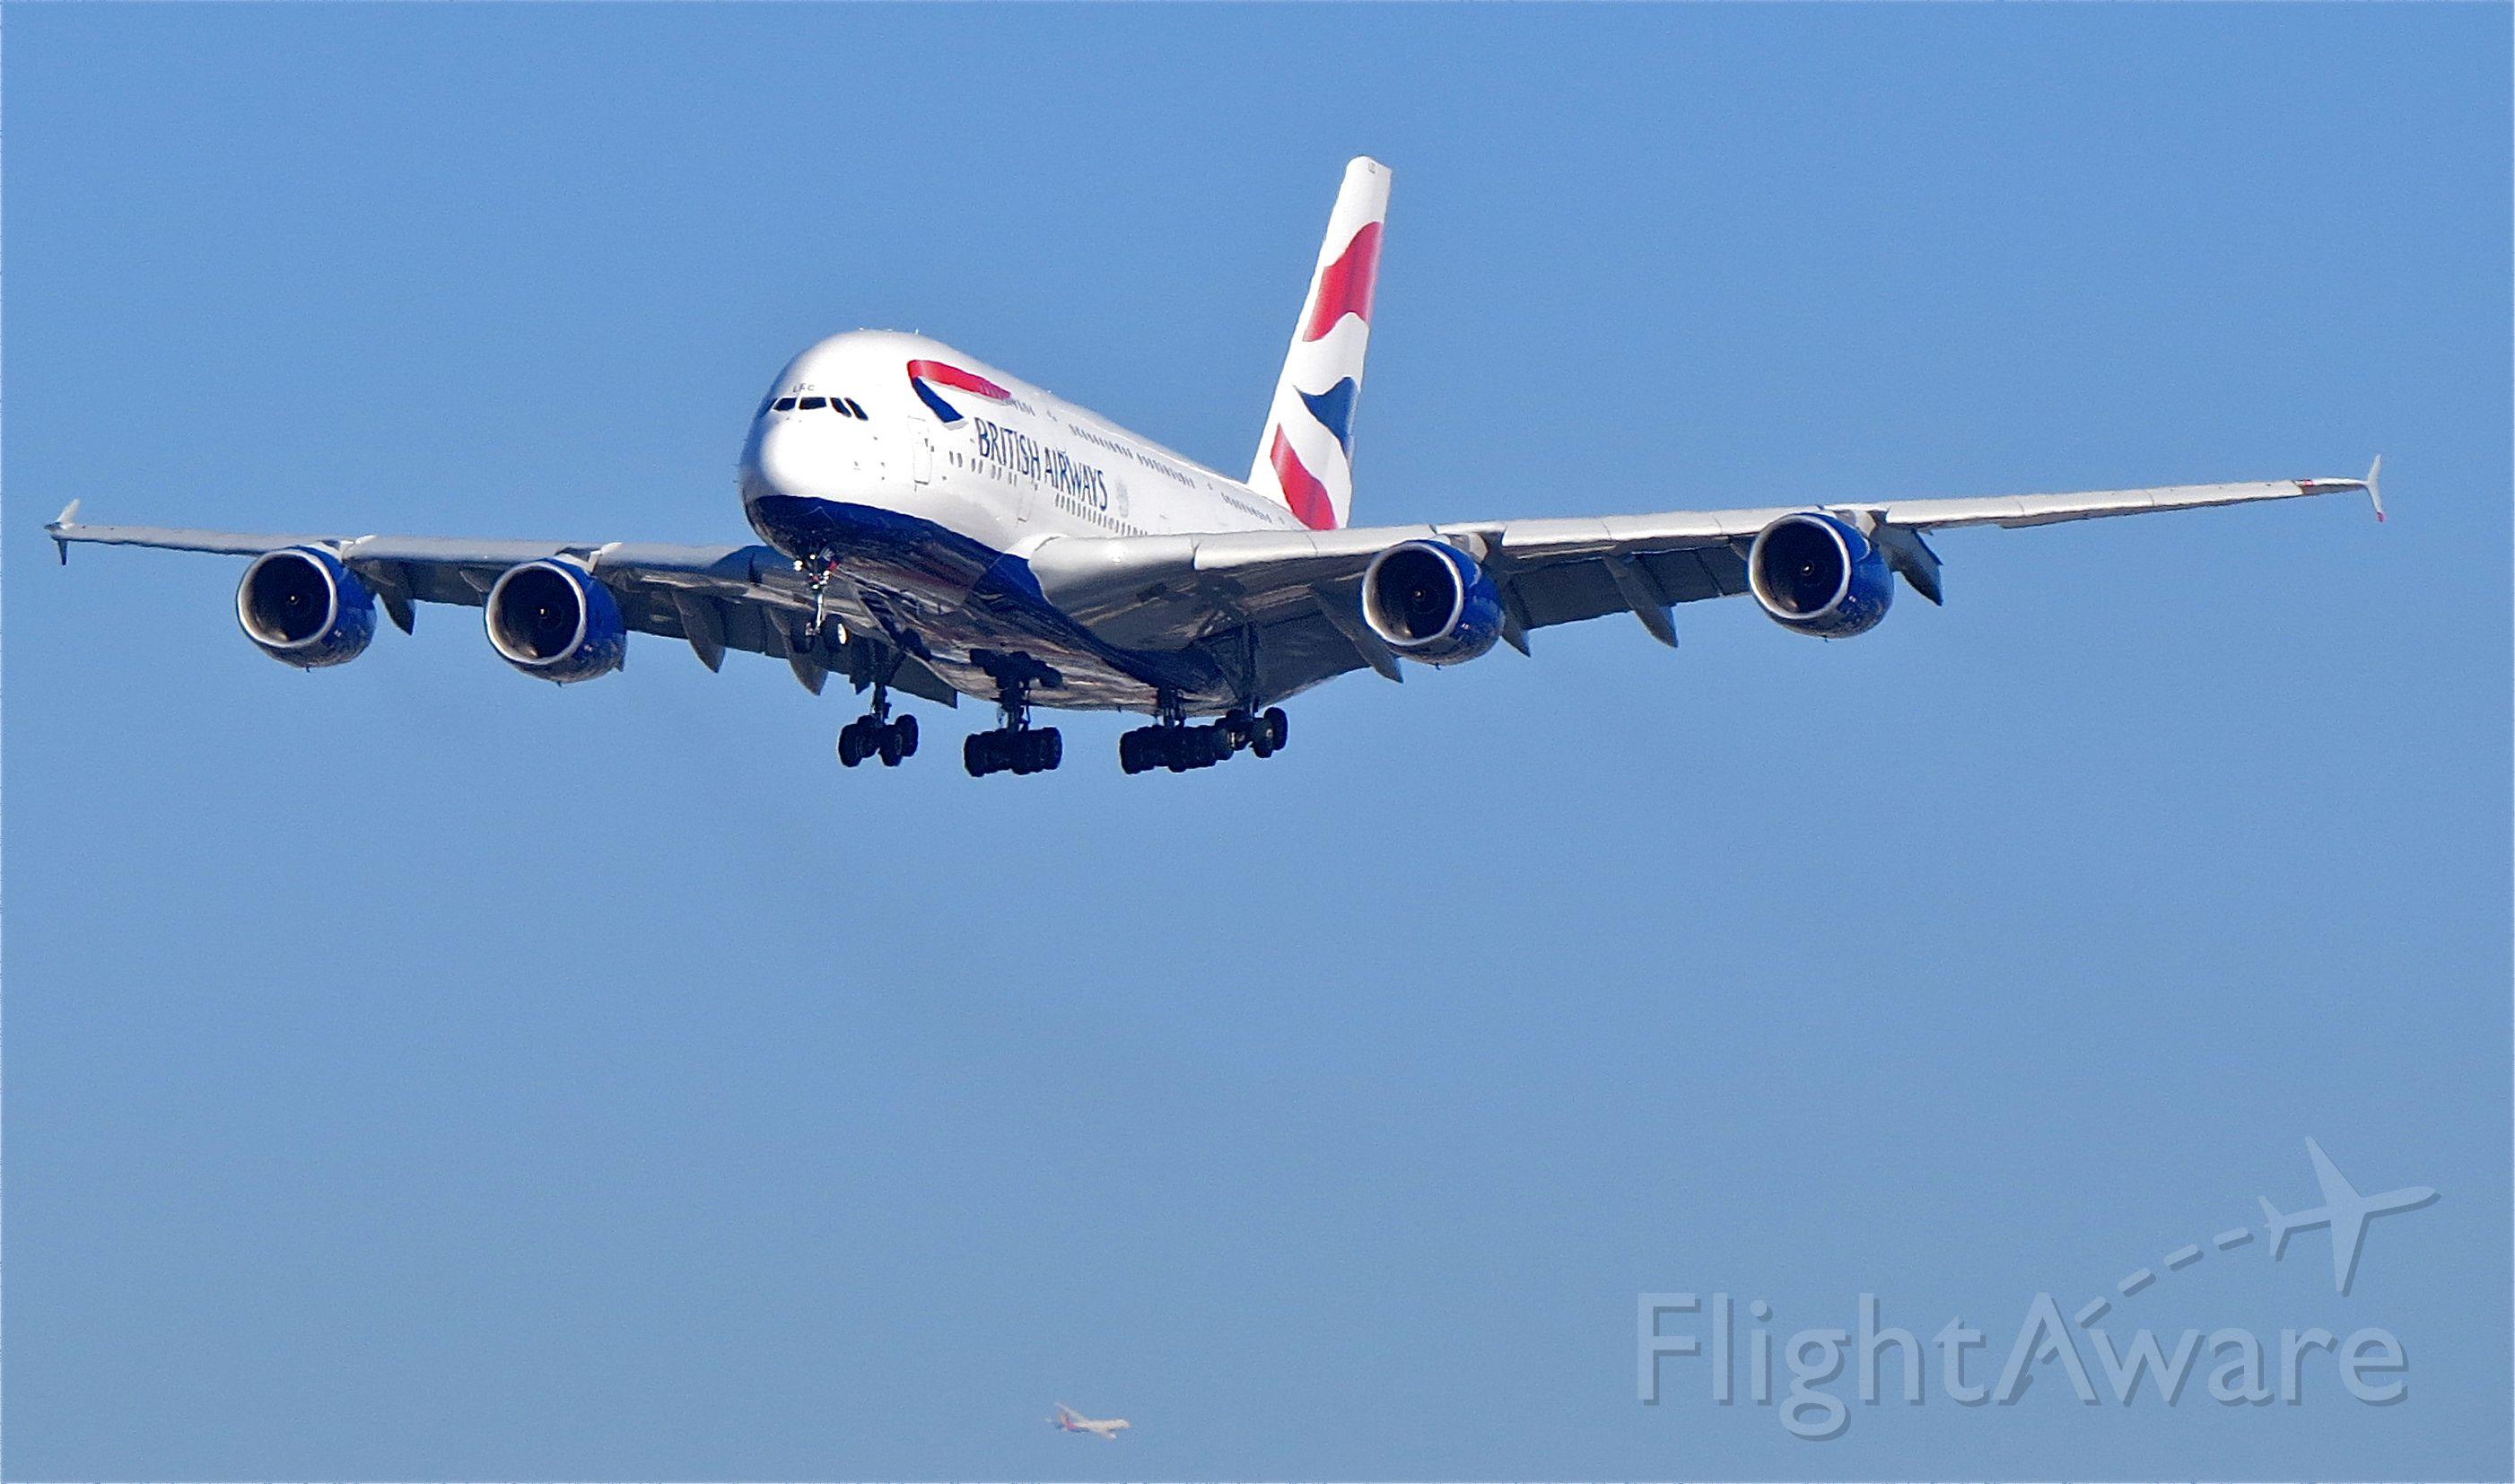 """Airbus A380-800 (G-XLEC) - <a rel=""""nofollow"""" href=""""http://flightaware.com/live/flight/GXLEC/history/20141109/1025Z/EGLL/KLAX"""">https://flightaware.com/live/flight/GXLEC/history/20141109/1025Z/EGLL/KLAX</a>"""